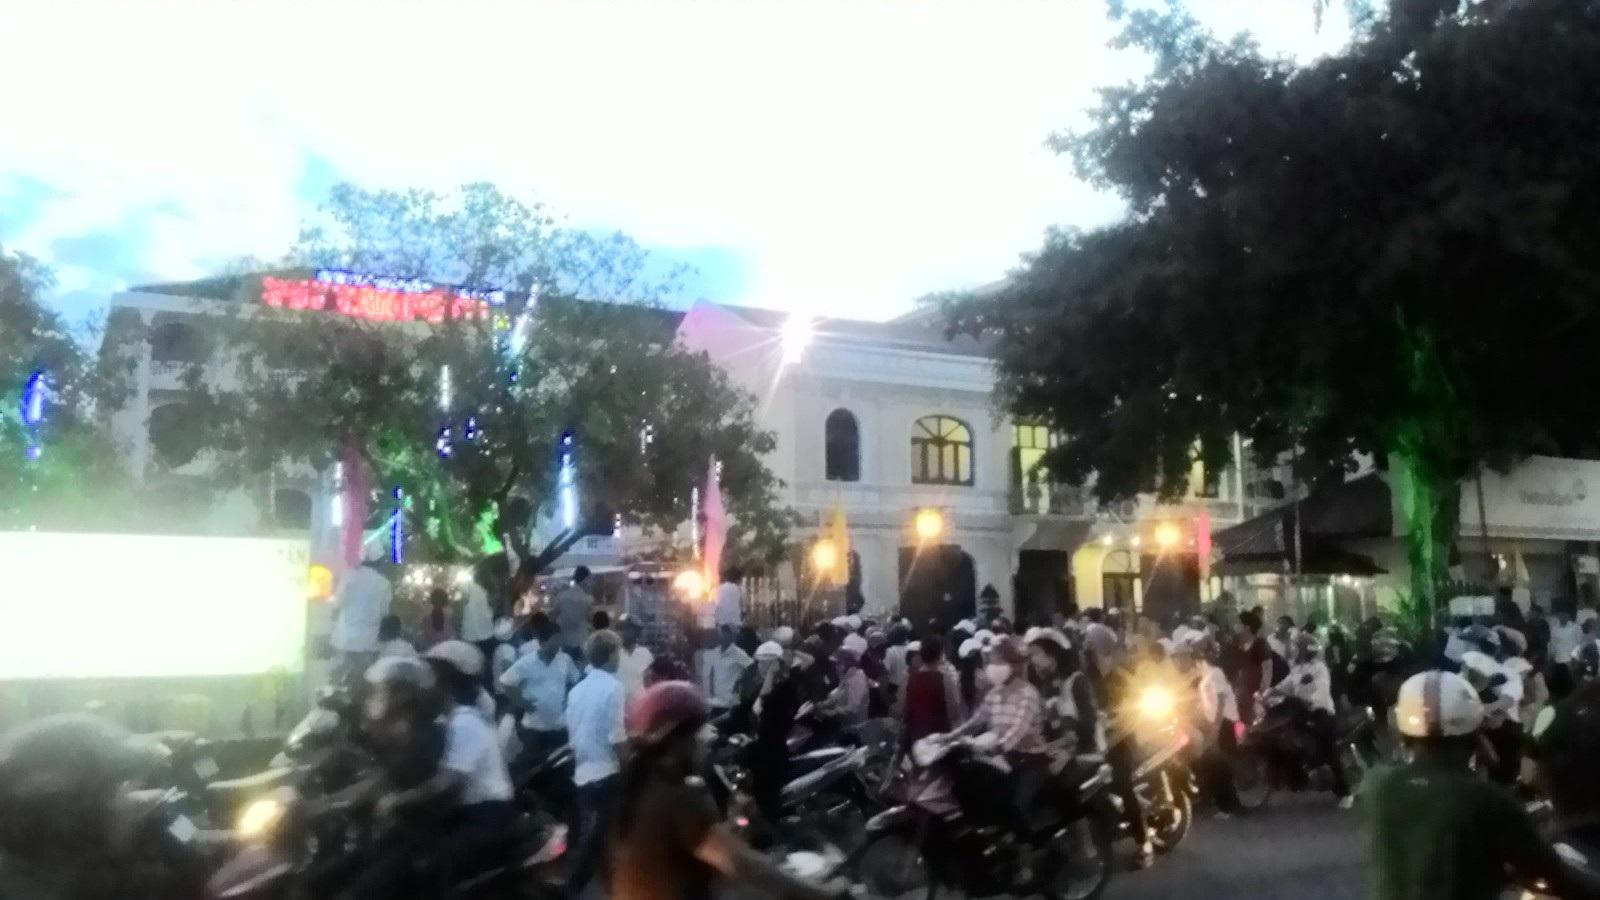 Khung cảnh hỗn loạn trước khách sạn Duy Tân